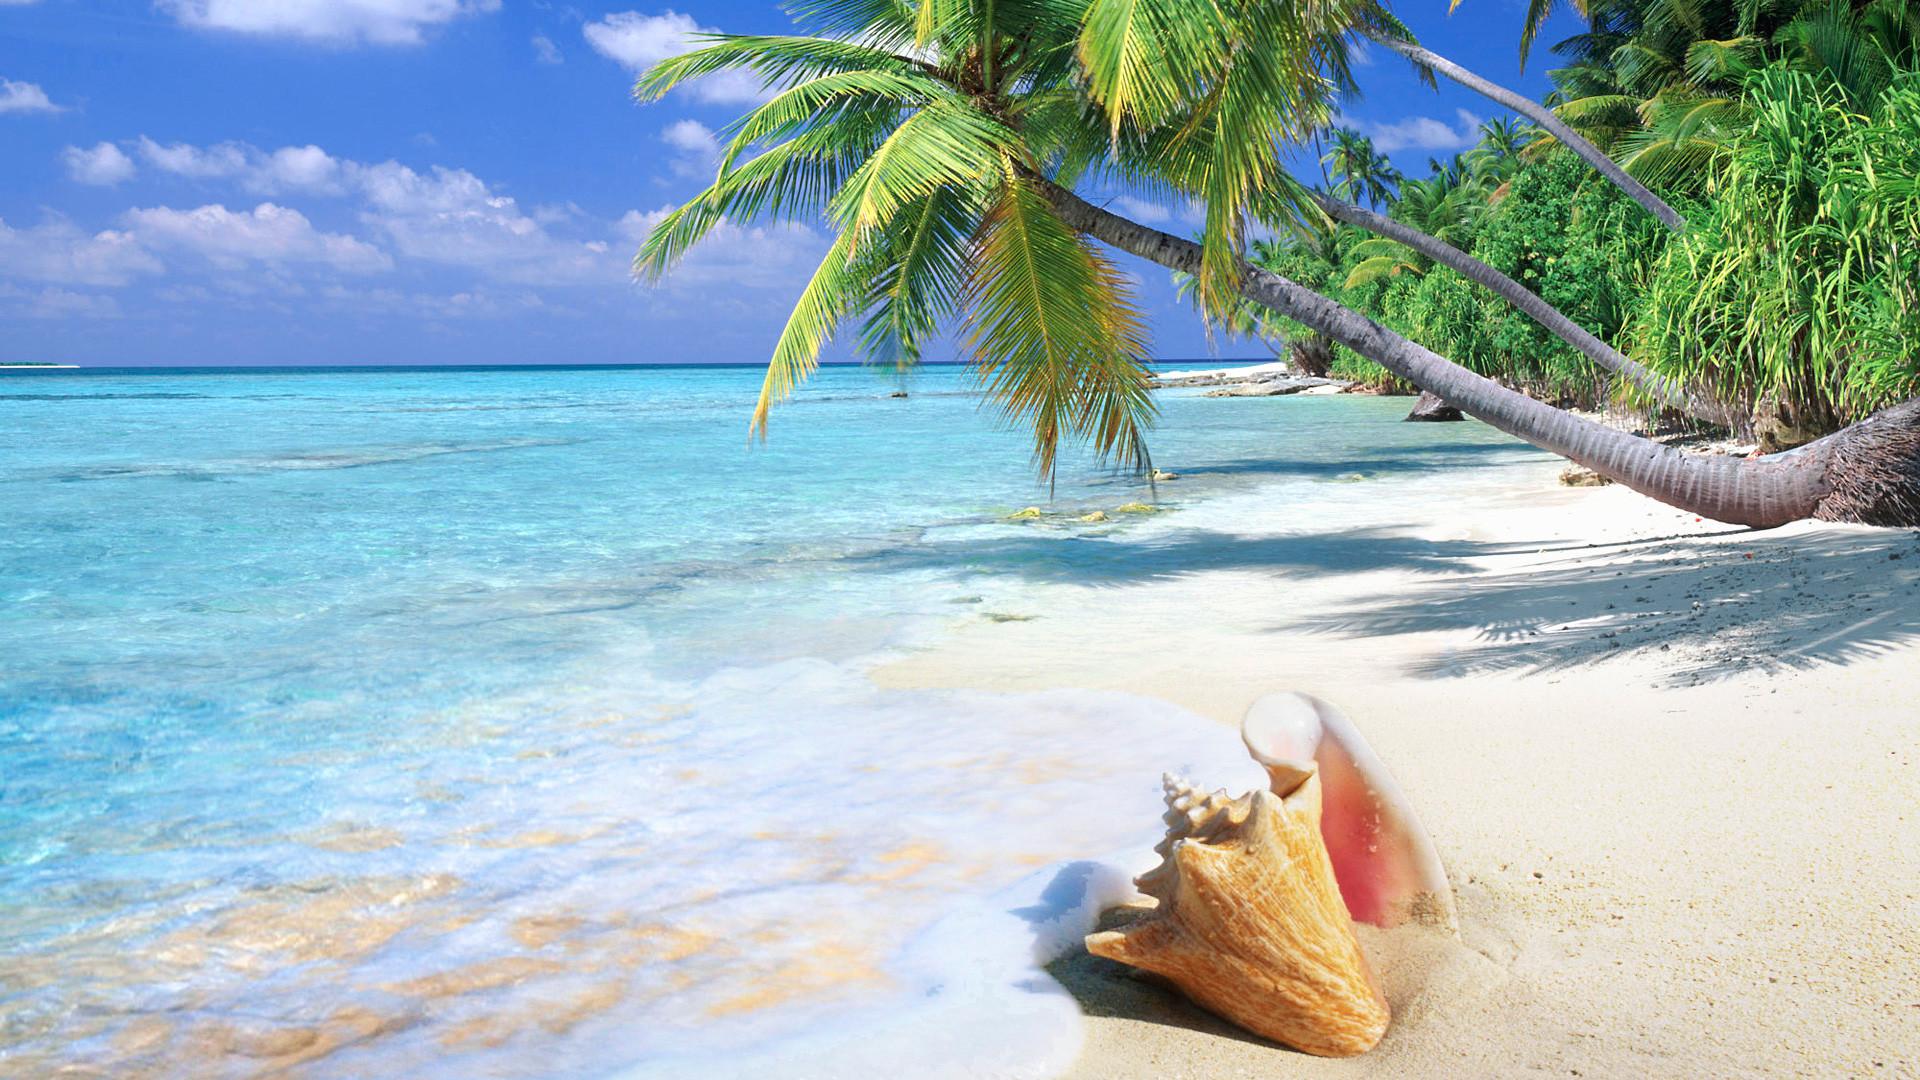 On NMgnCP: FD.998 1366×768 Tropical Beach, 892.95 Kb